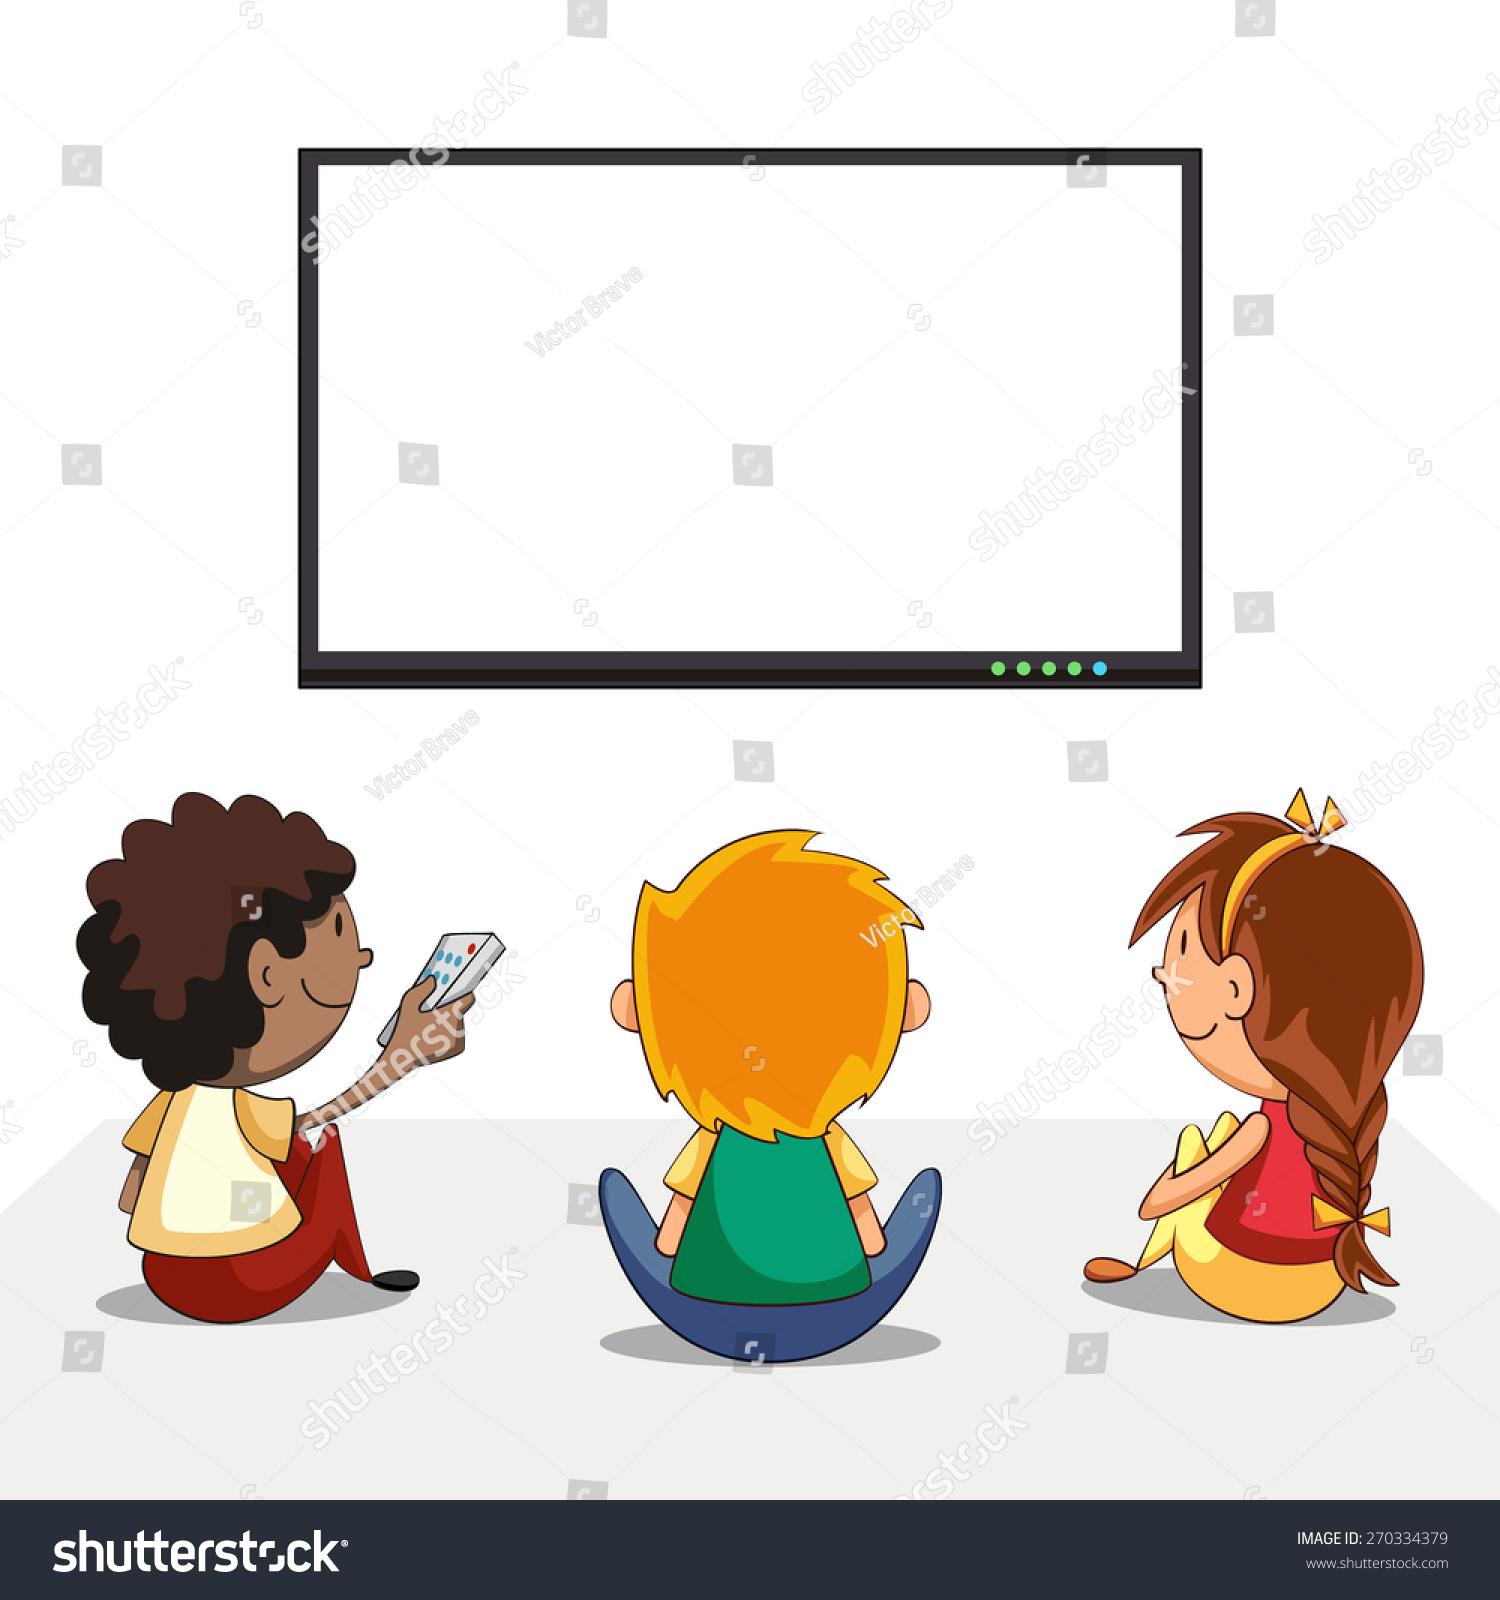 テレビを見ている子ども、空の画面、ベクターイラスト